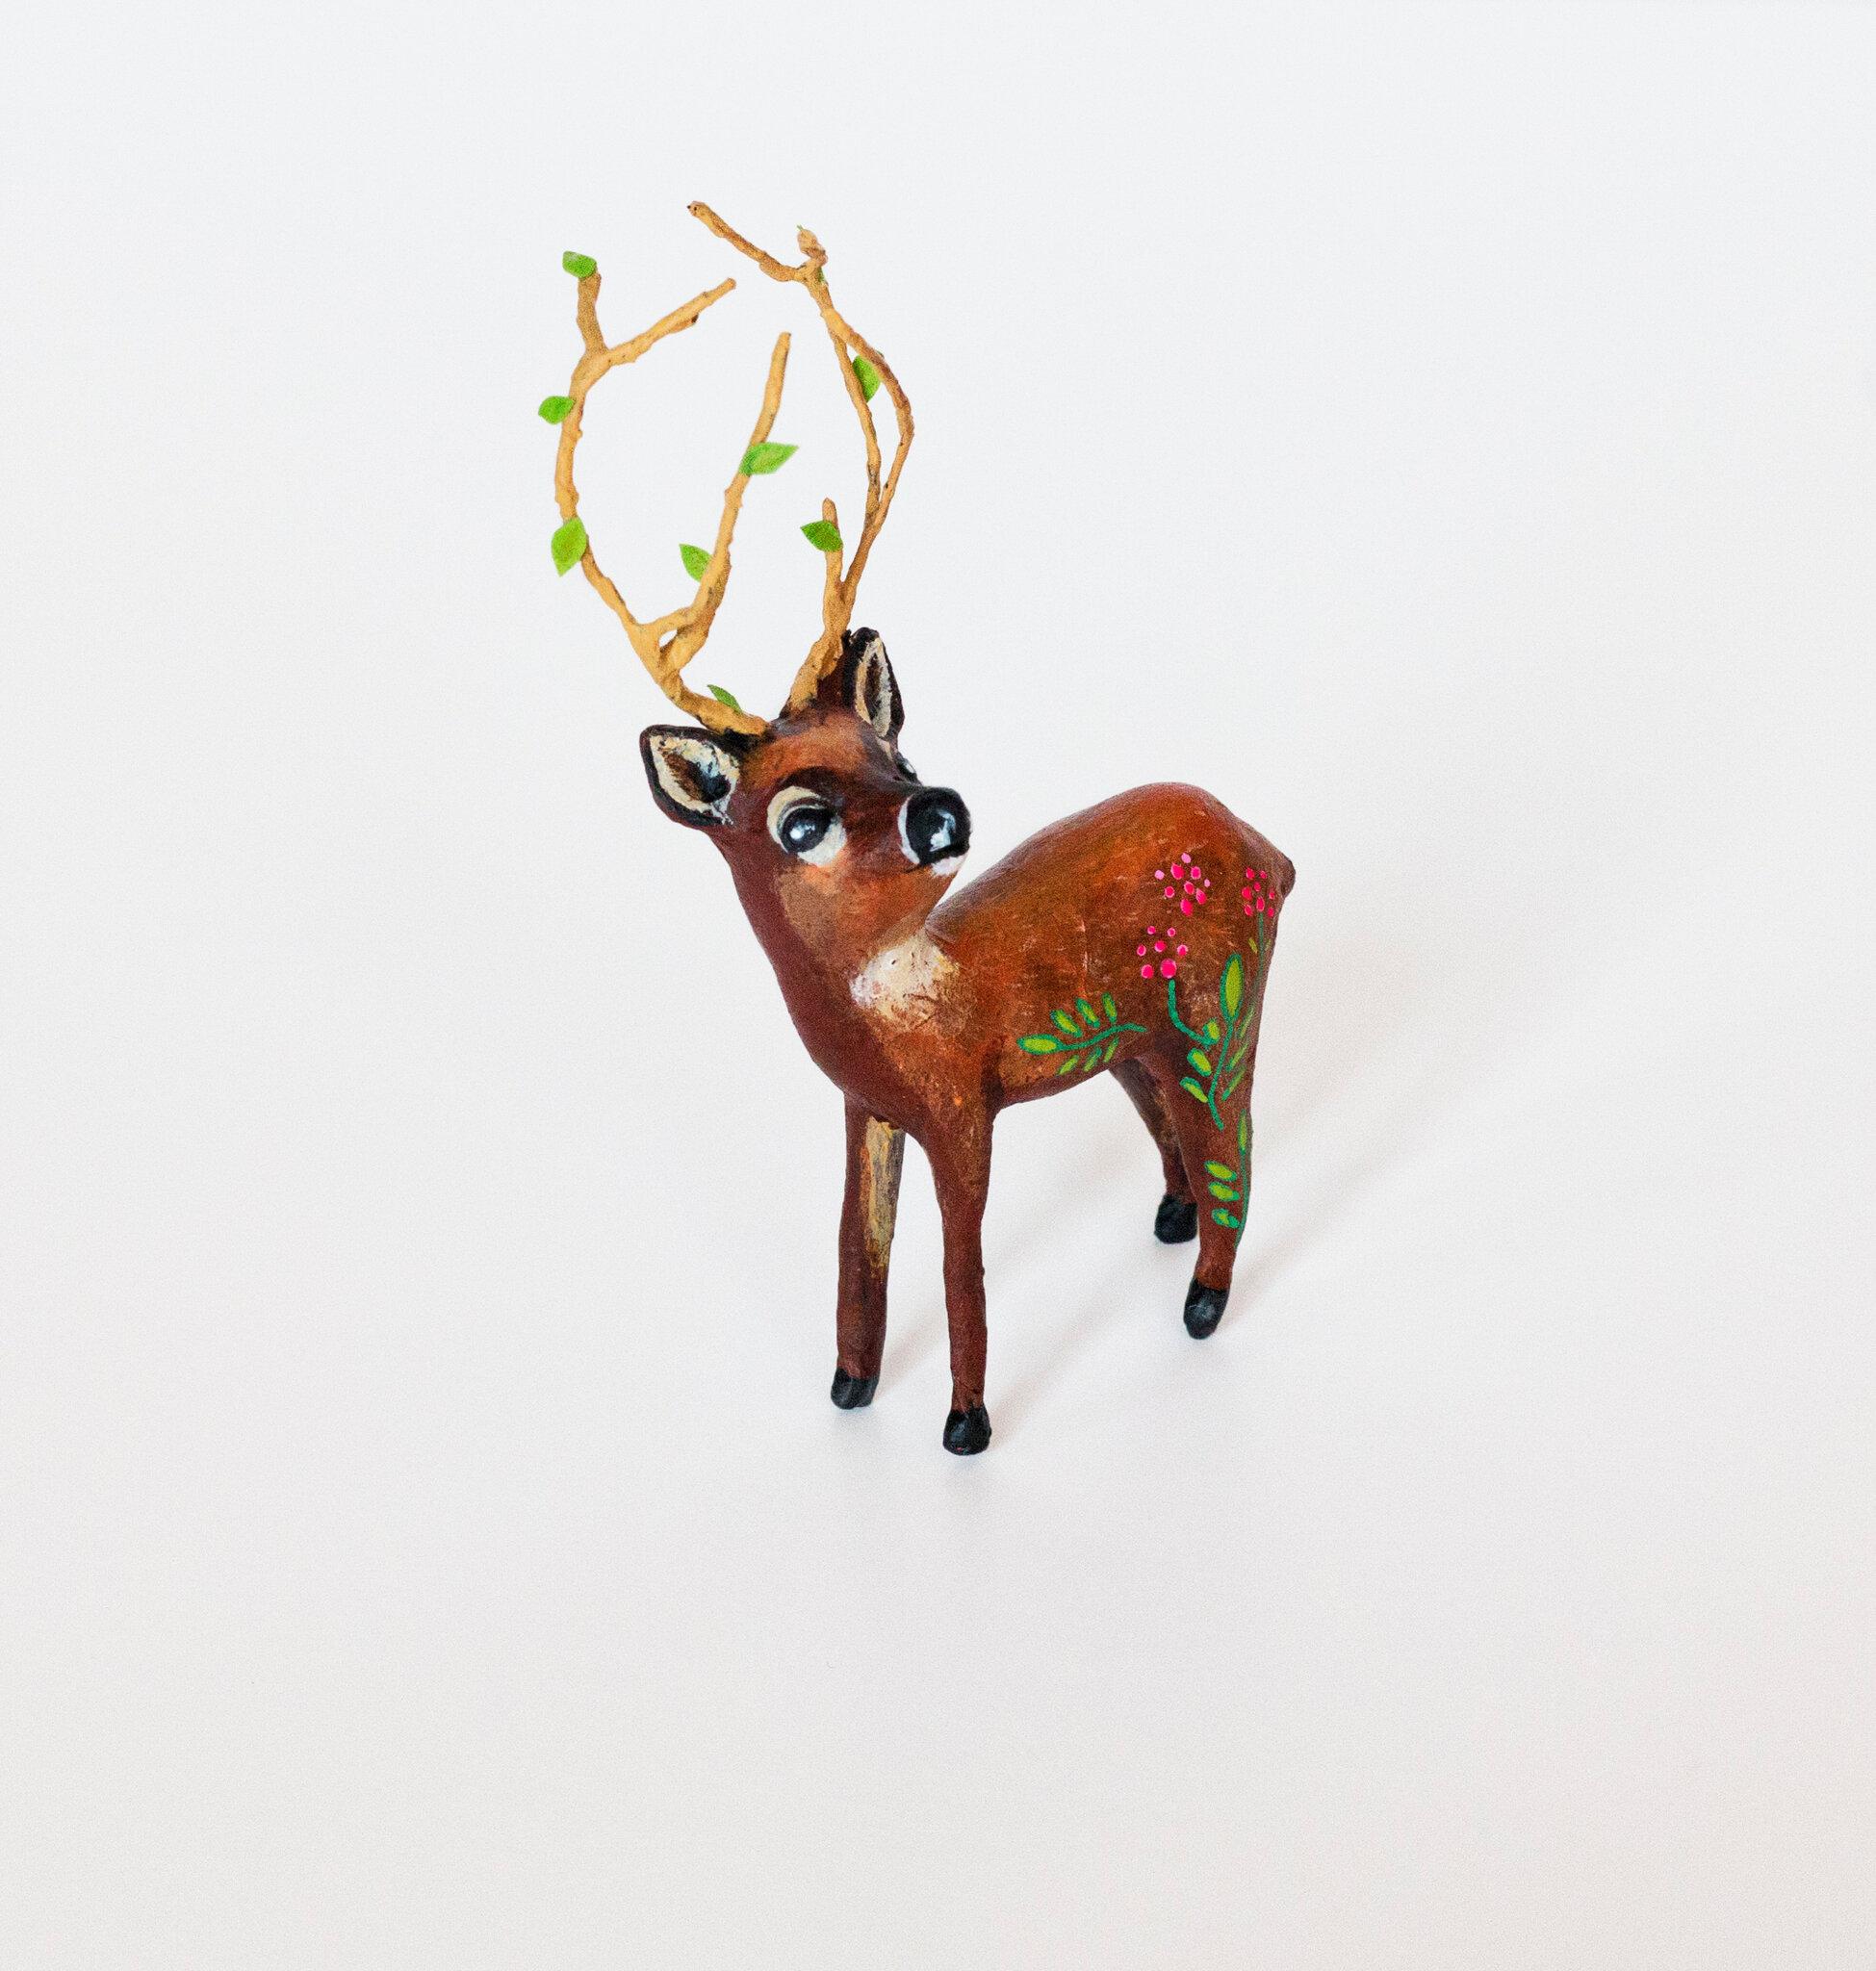 Deer1_Papiermache_Sculpture_AlinePallaro_2018